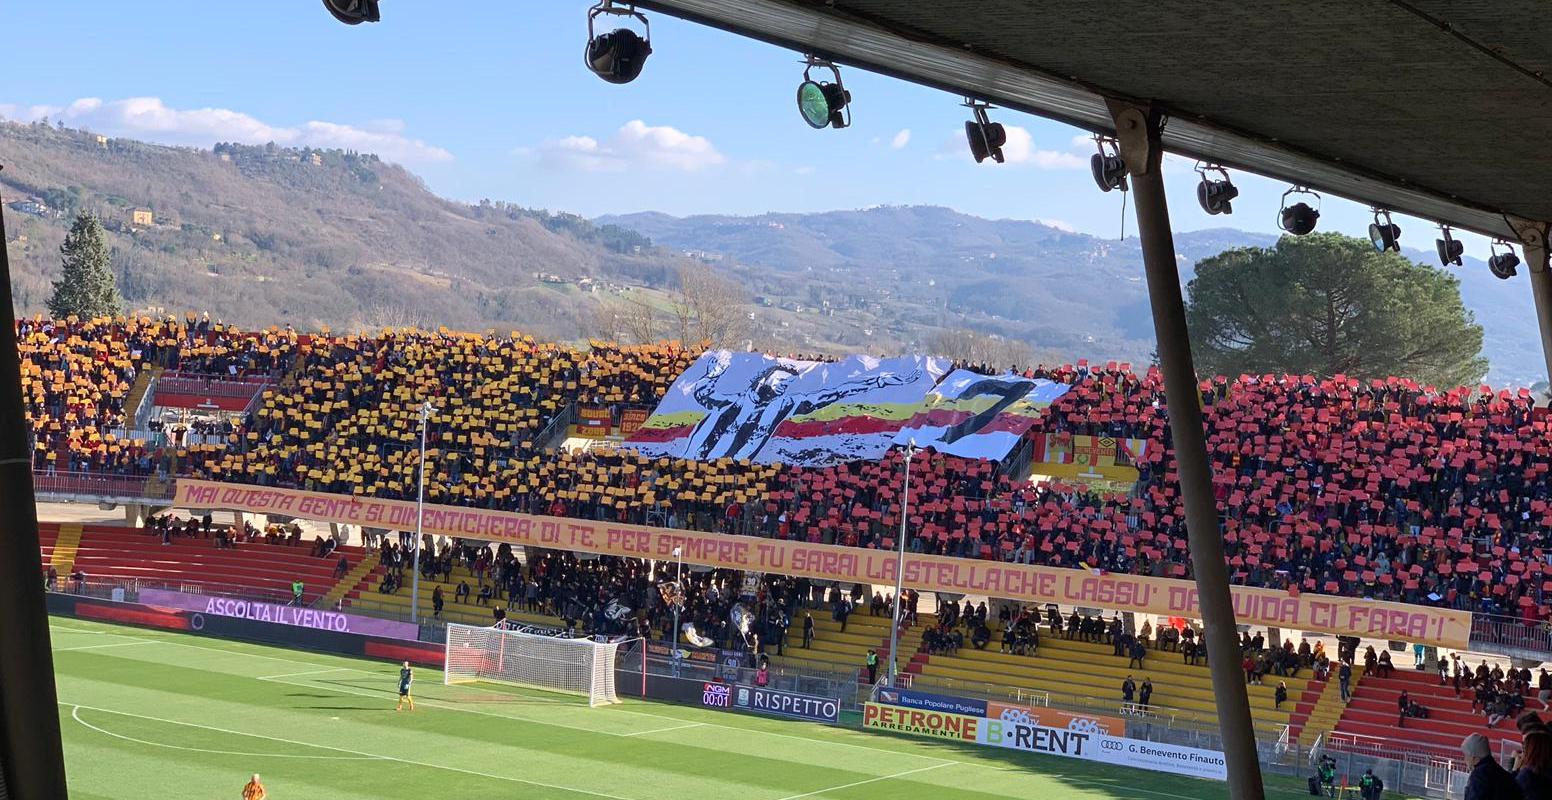 Lo stadio ricorda Imbriani: una coreografia da brividi e un sogno da realizzare